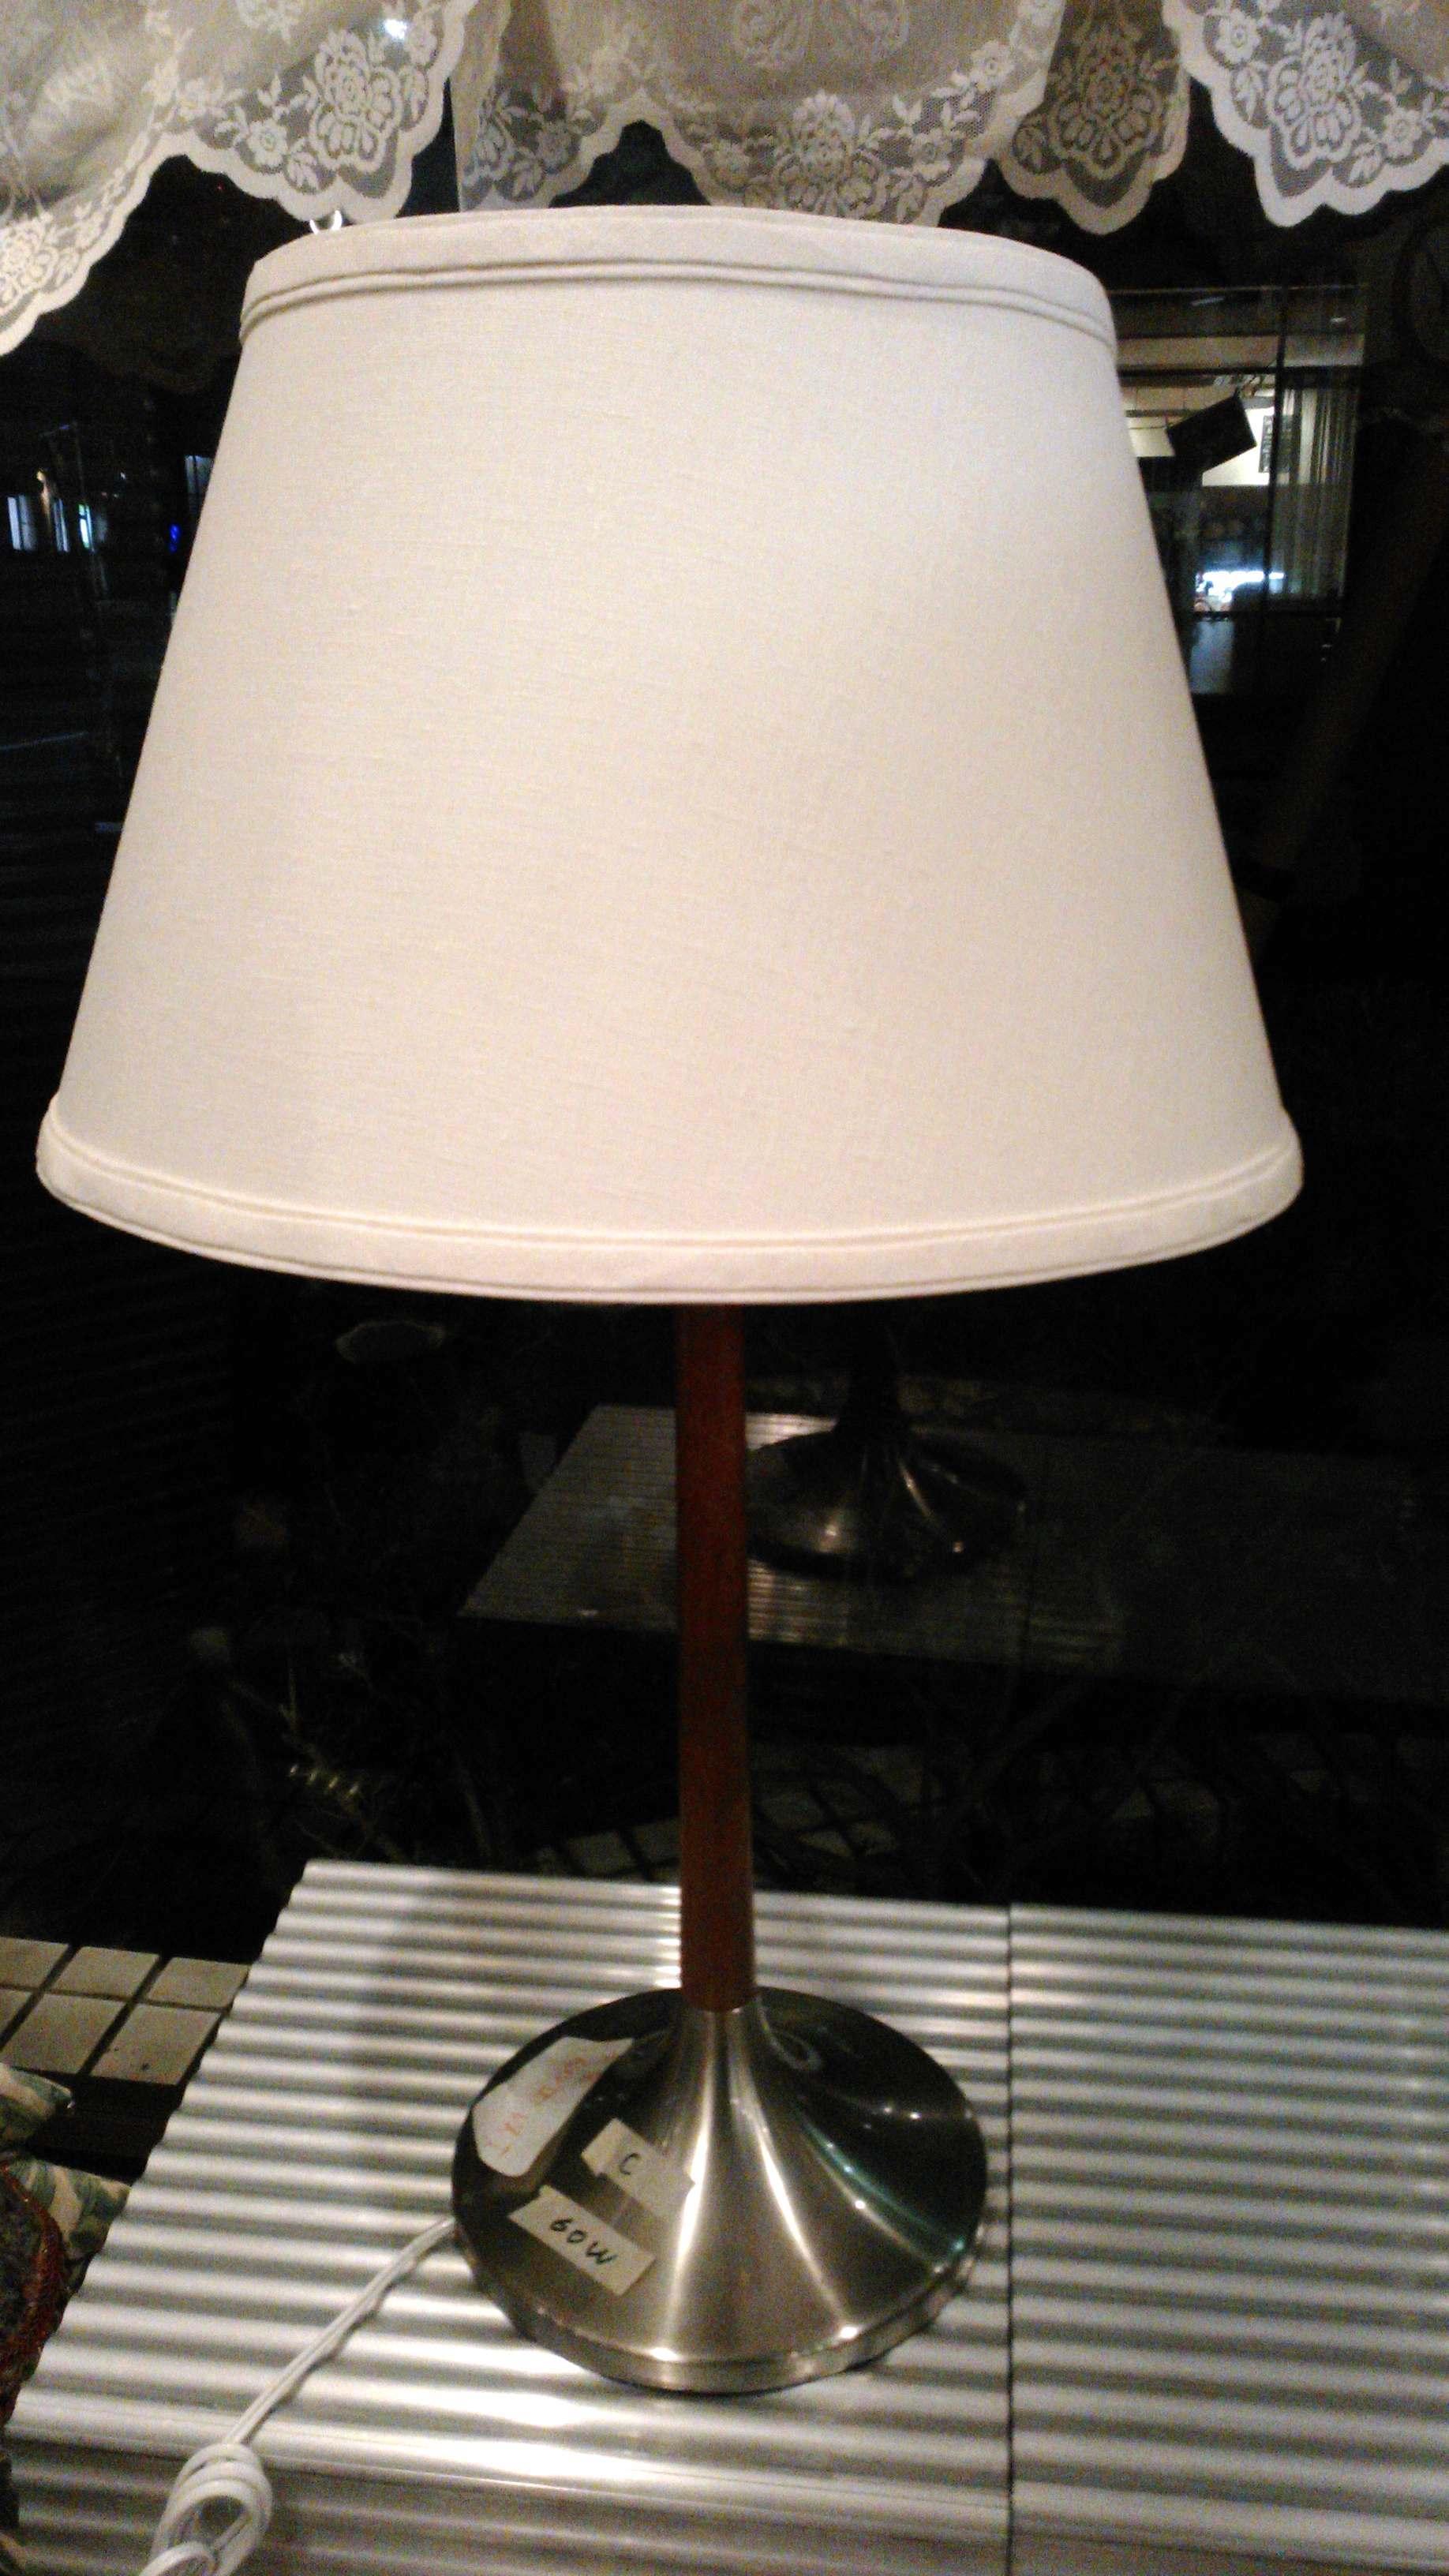 ランプシェード 張替 ウィリアムモリス正規販売店のブライト_c0157866_20193755.jpg